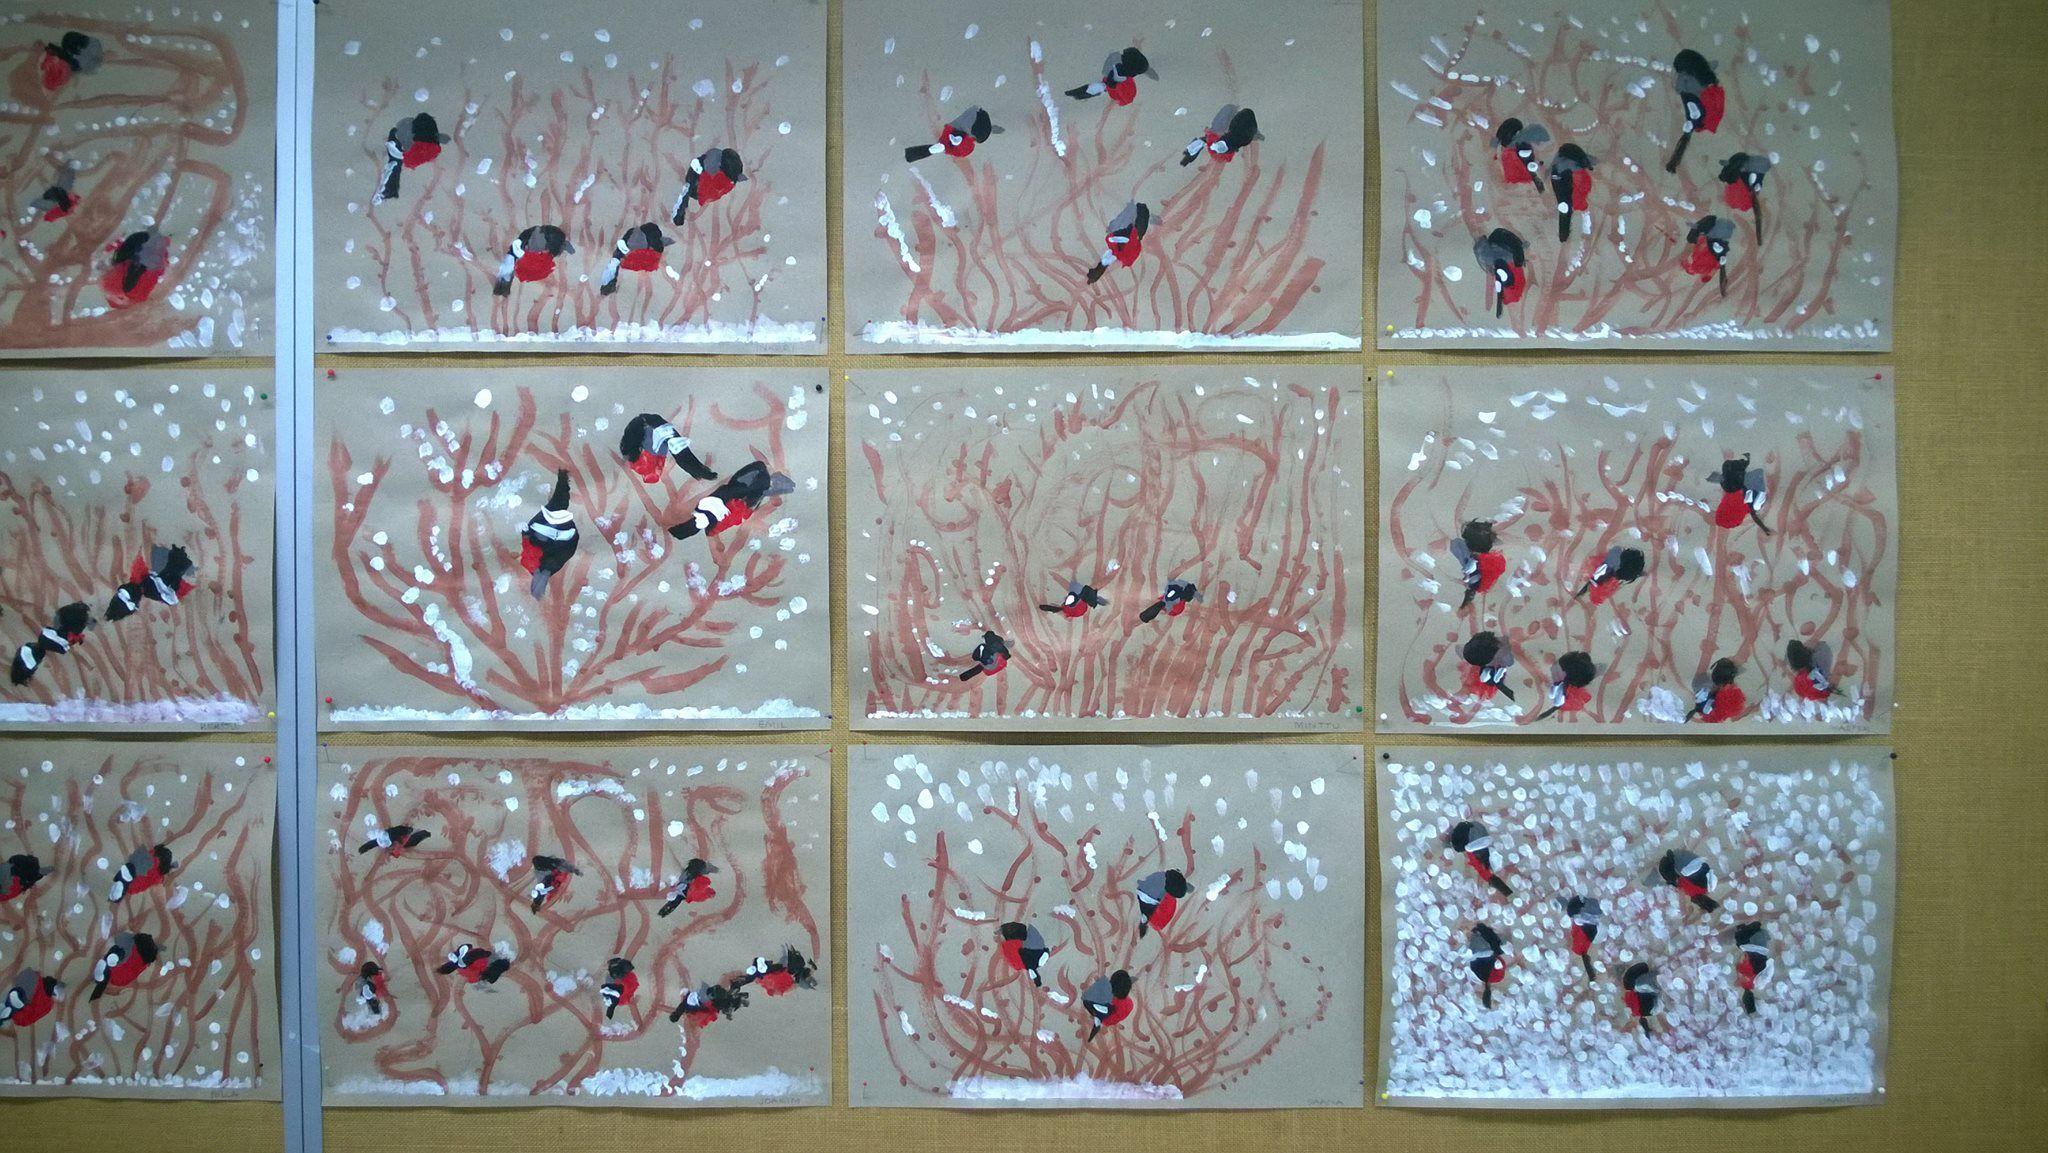 """""""Punatulkut pensaikossa"""" (1.lk) 1. Maalataan ruskealla oksia. 2. Painetaan peukalon kiinnekohtatyynyllä punaiset läntit pensaikkoon. 3. Maalataan harmaat kolmiot punaisen yläpuolelle kiinni punaiseen. 4. Maalataan mustalla päät, siivet ja pyrstöt. 5. Työn kuivuttua maalataan valkoiset siipikuviot ja selkälaikku. 6. Maalataan valkoisella lunta maahan ja oksille. Osa punatulkuista jäi lumipyryn keskelle pensaikkoon. (Alakoulun Aarreaitta FB -sivustosta / Päivi Laakso)"""